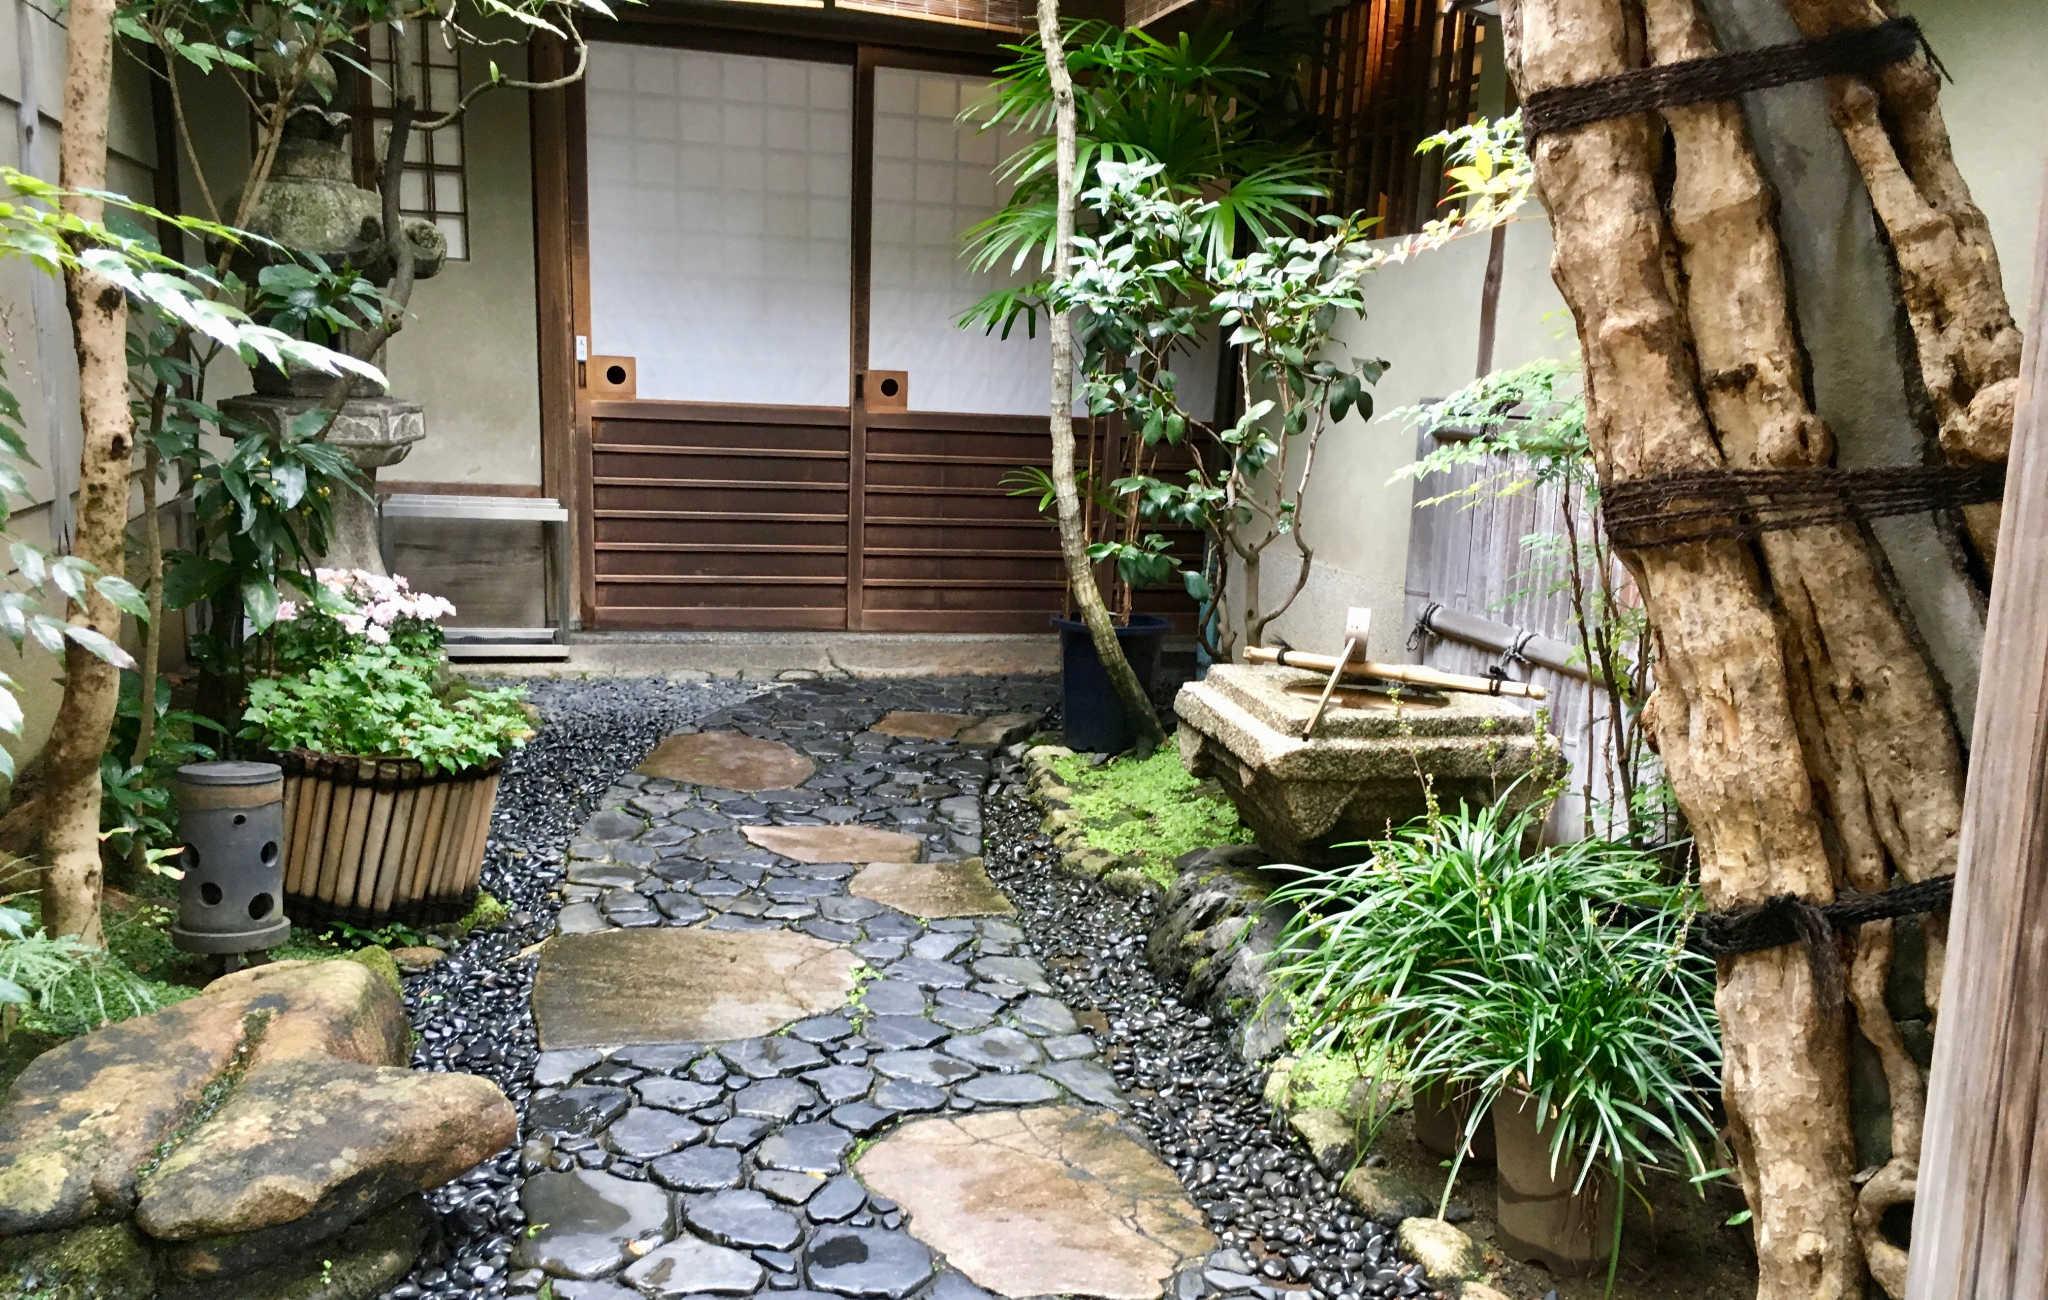 La plupart des ryokans ont un petit jardin très bien entretenu